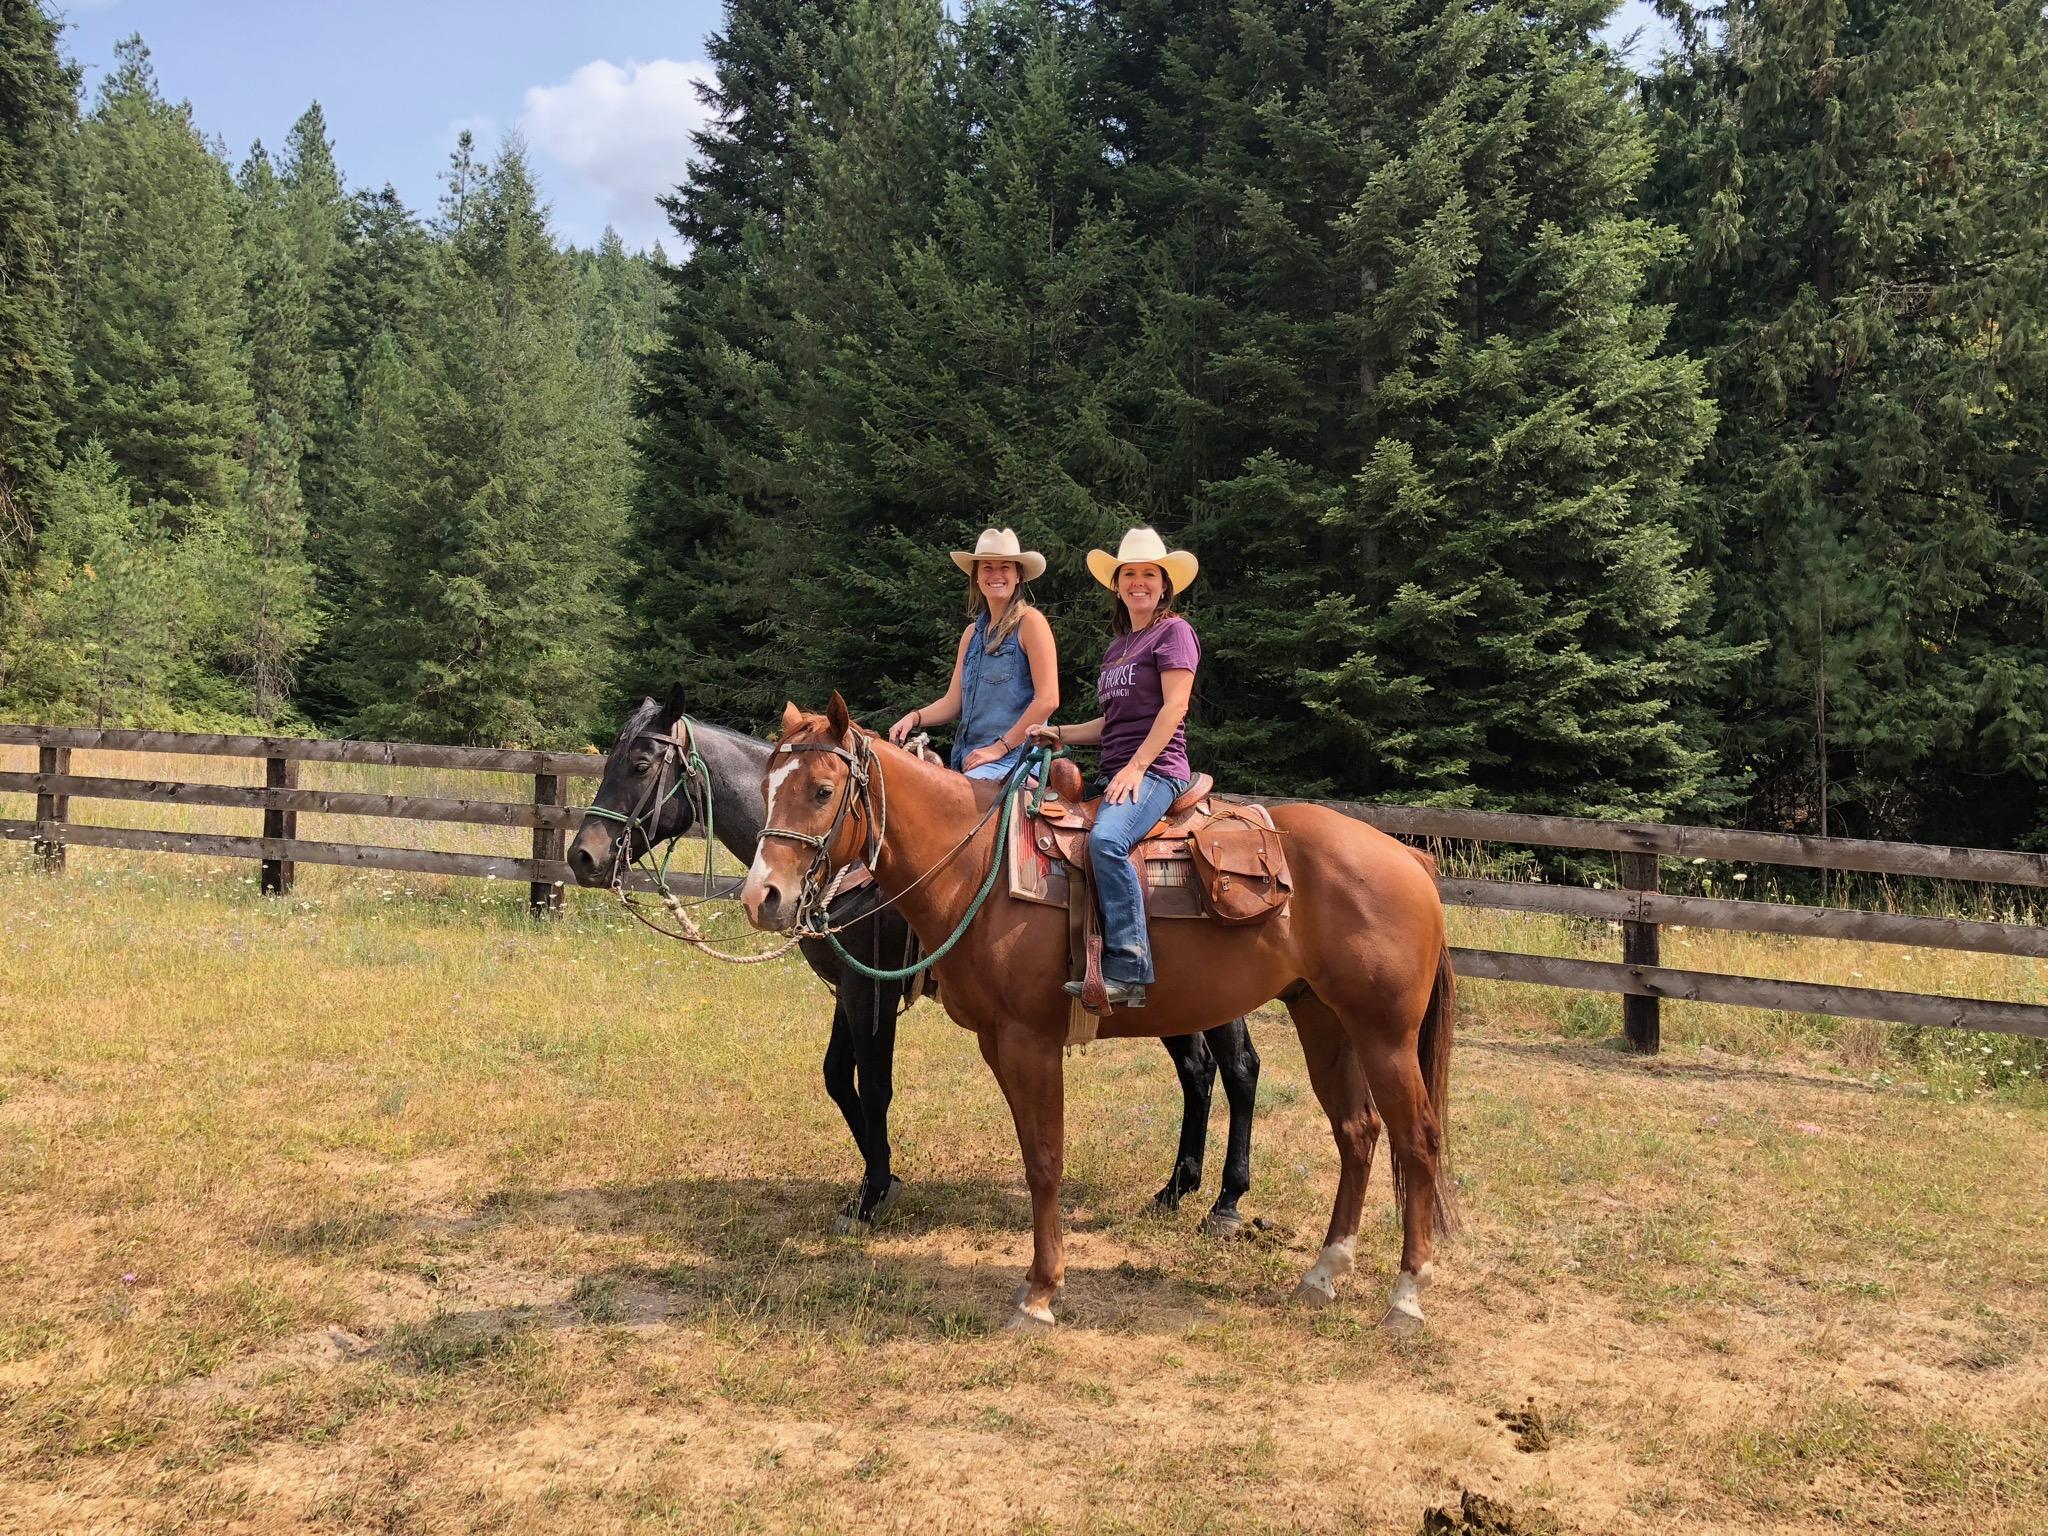 Two women on horseback.